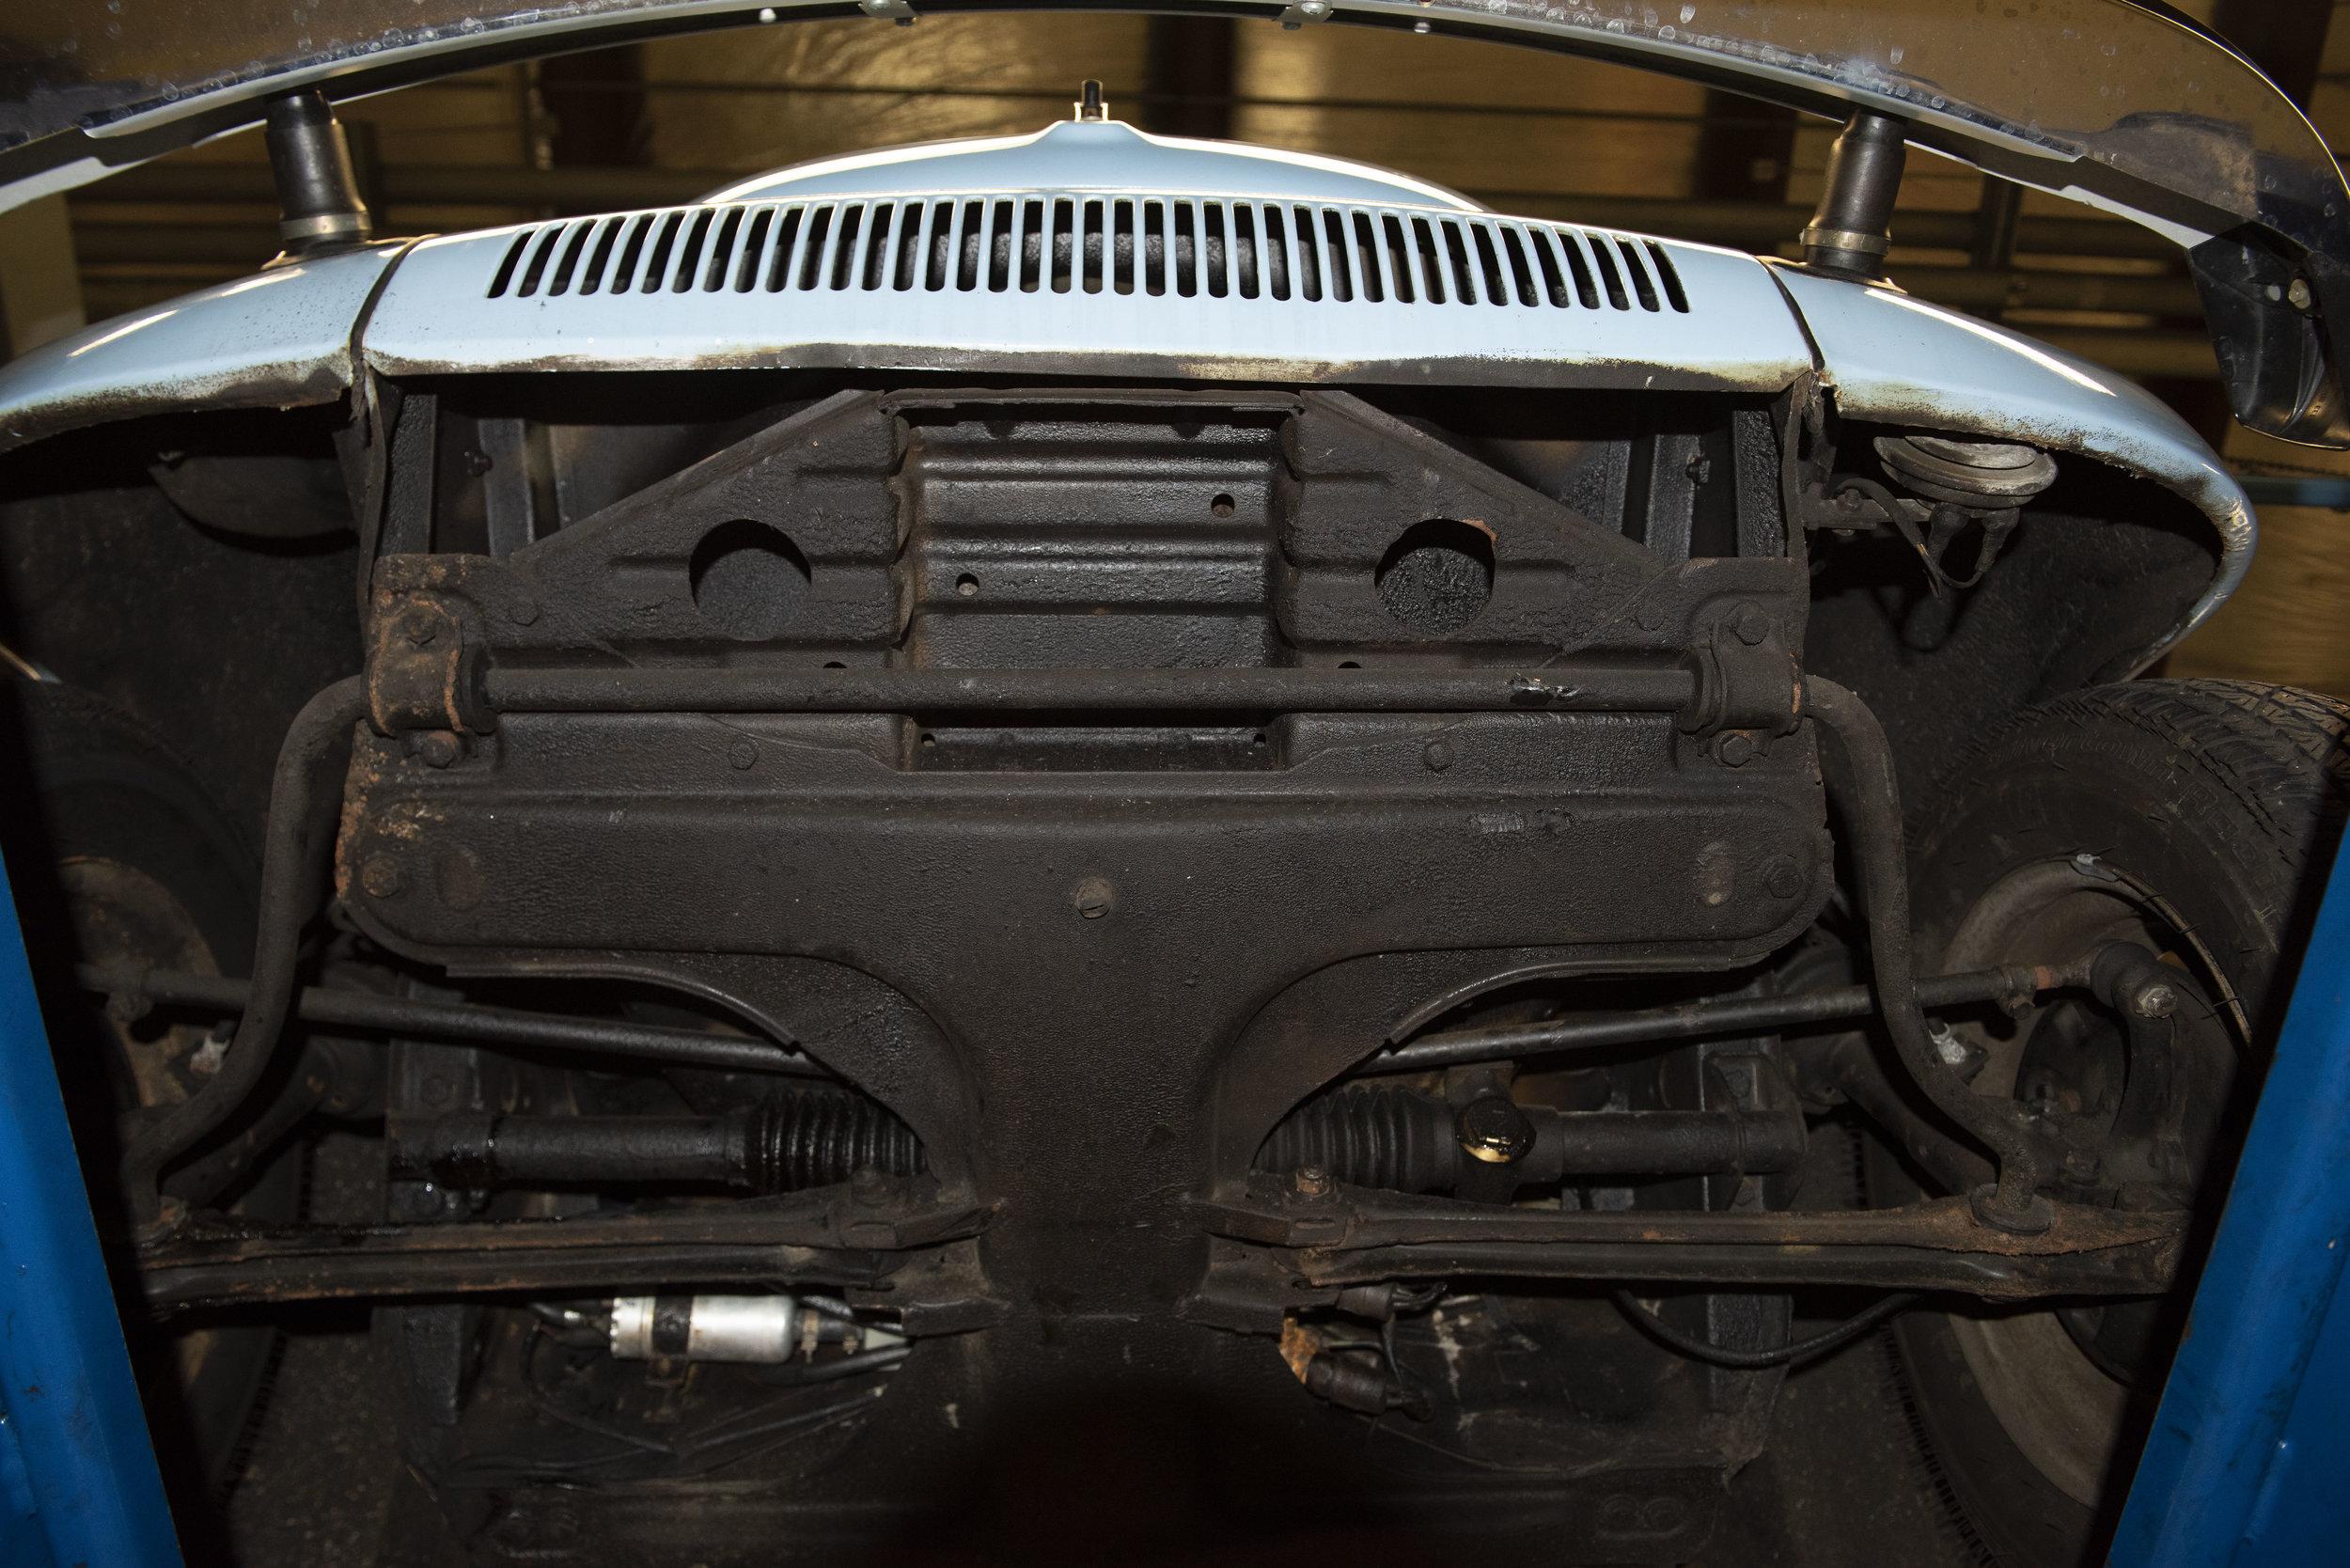 VW Bug Vert Underbody_041.JPG